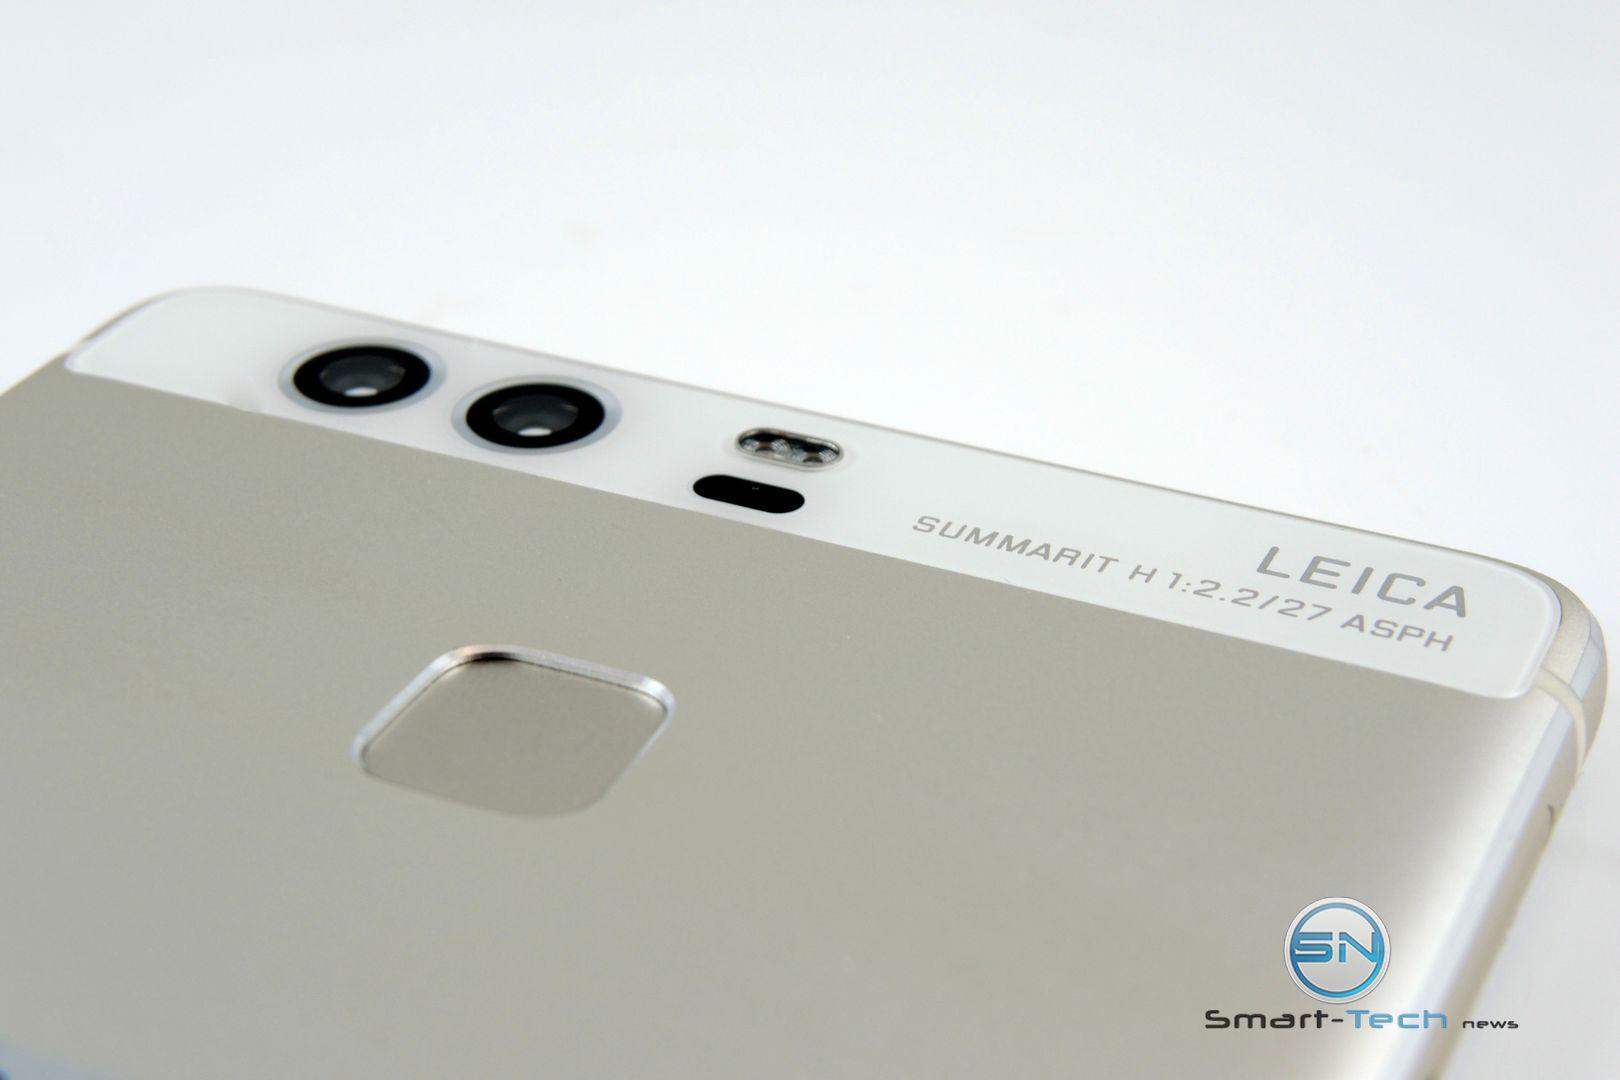 Huawei P9 Dual Lens Leica